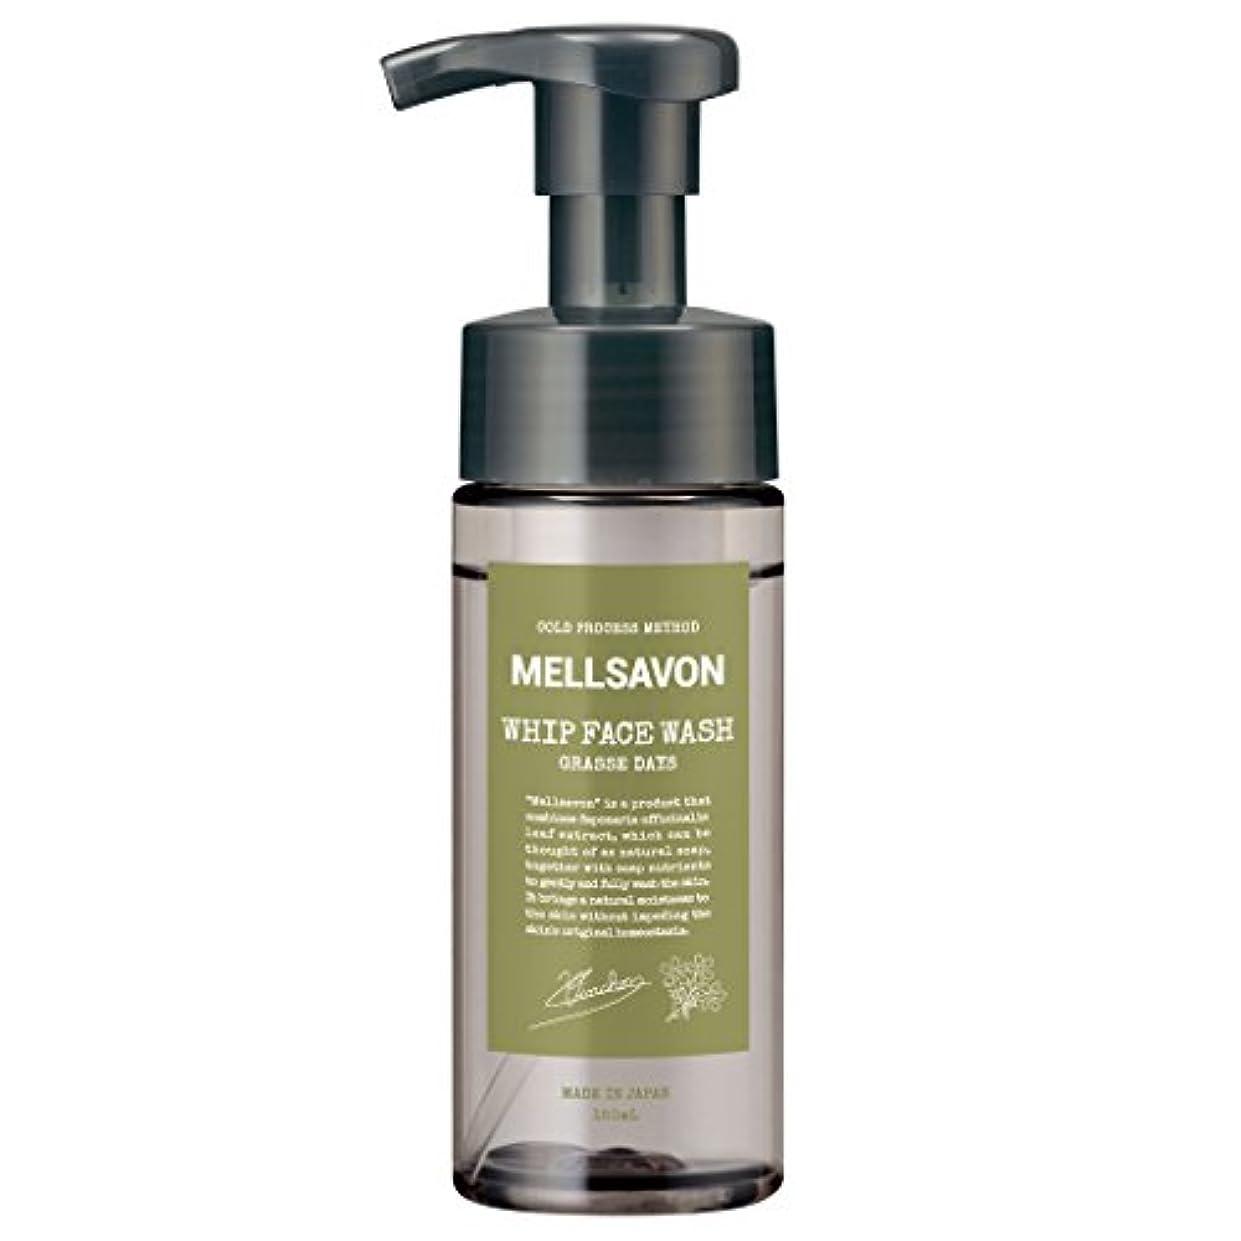 温帯免除するトリプルMellsavon(メルサボン) メルサボン ホイップフェイスウォッシュ グラースデイズ 150mL 洗顔